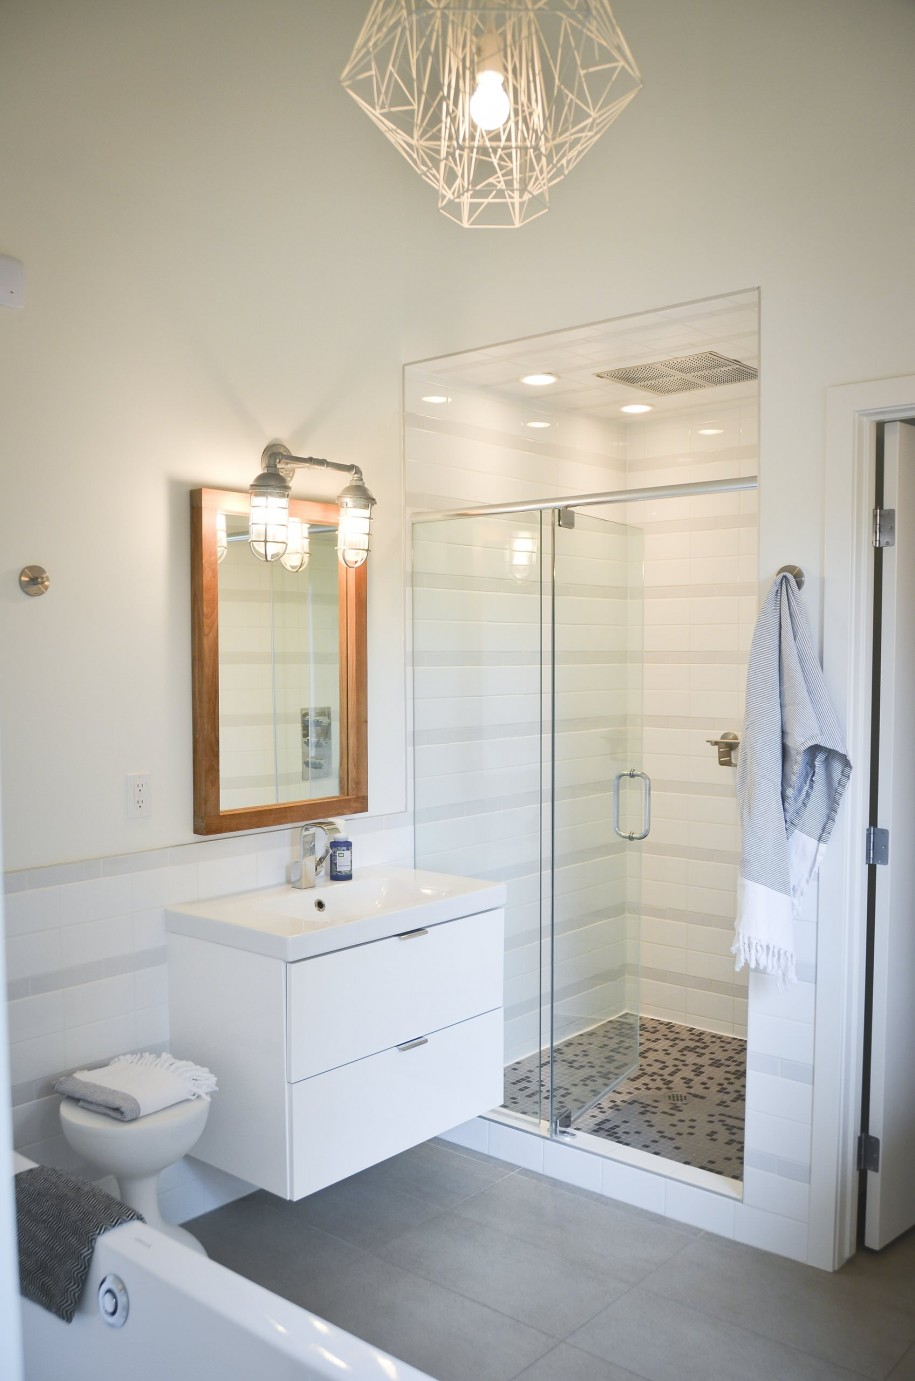 Éclairage ponctuel à l'intérieur de la cabine de douche